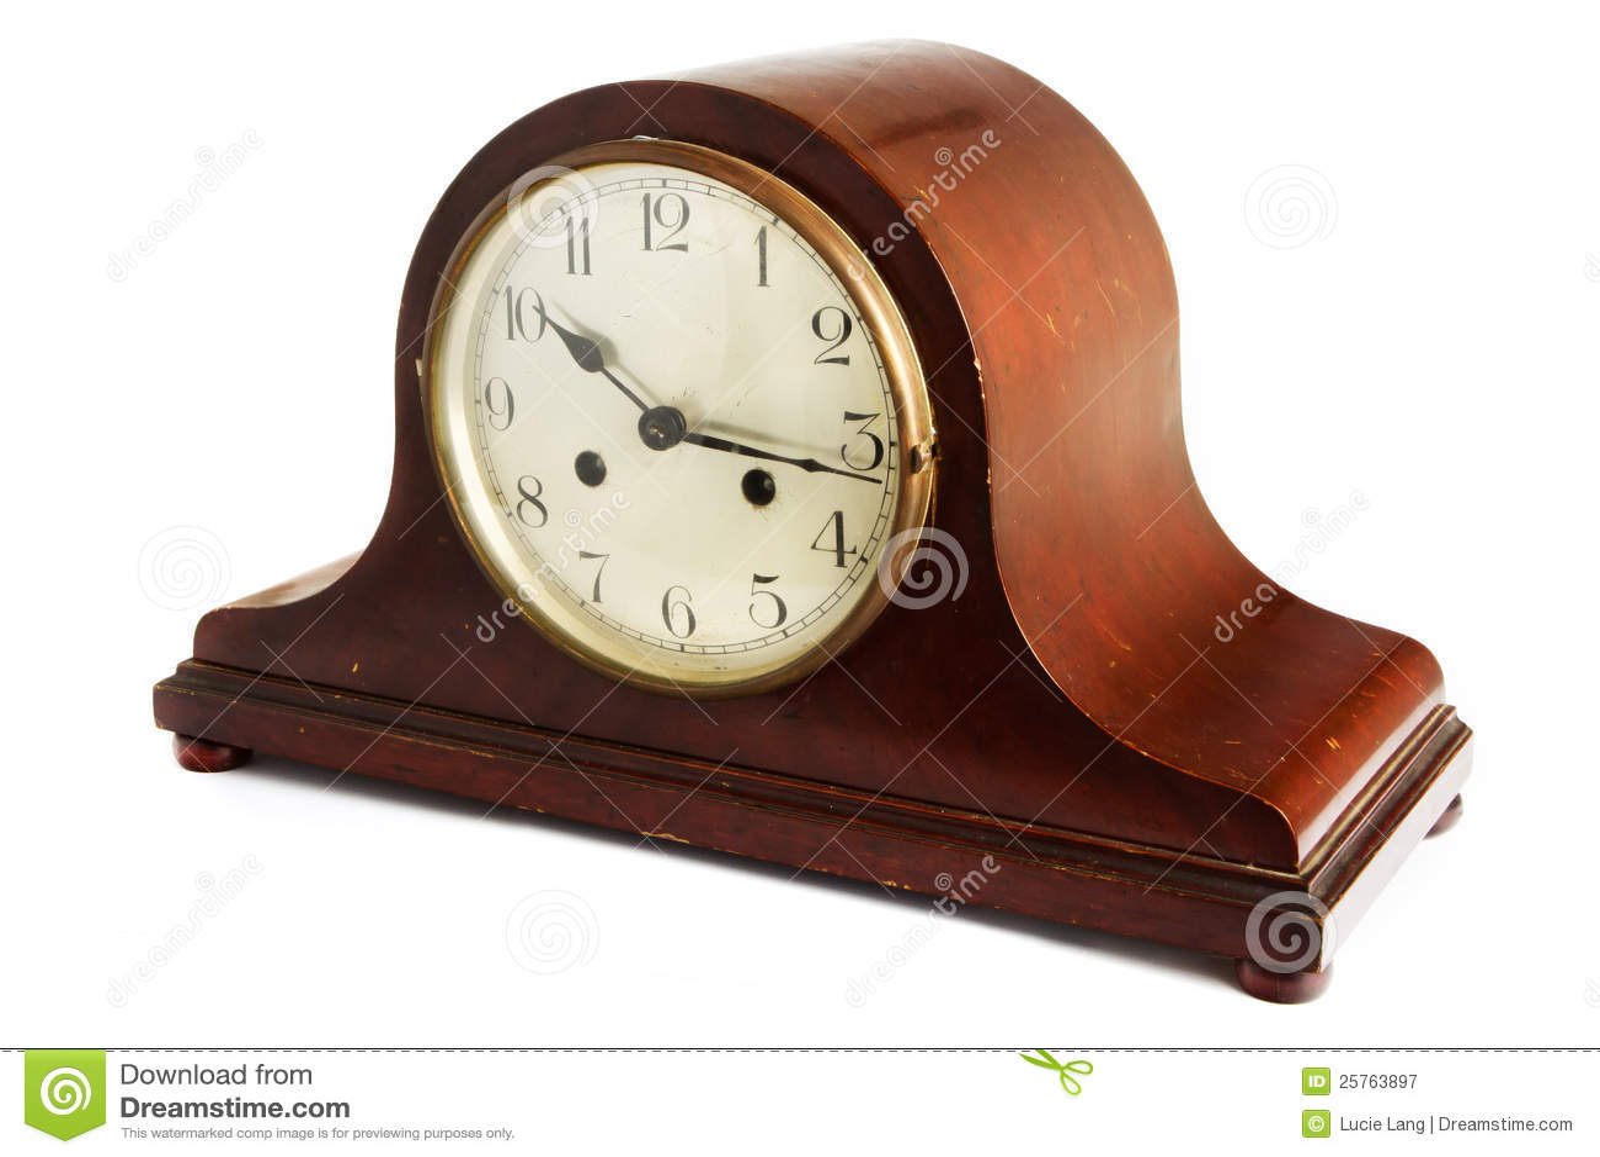 vieille horloge en bois antique sur le blanc photographie stock libre de droits image 25763897. Black Bedroom Furniture Sets. Home Design Ideas